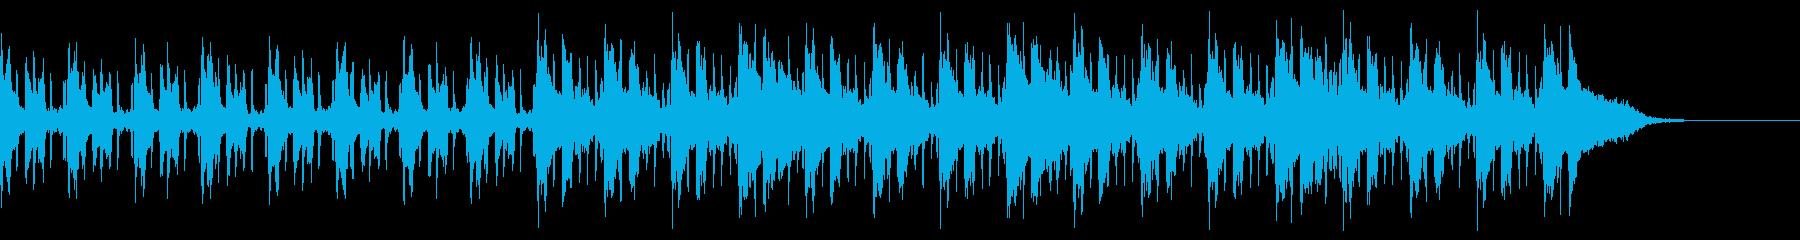 Pf「職人」和風現代ジャズの再生済みの波形